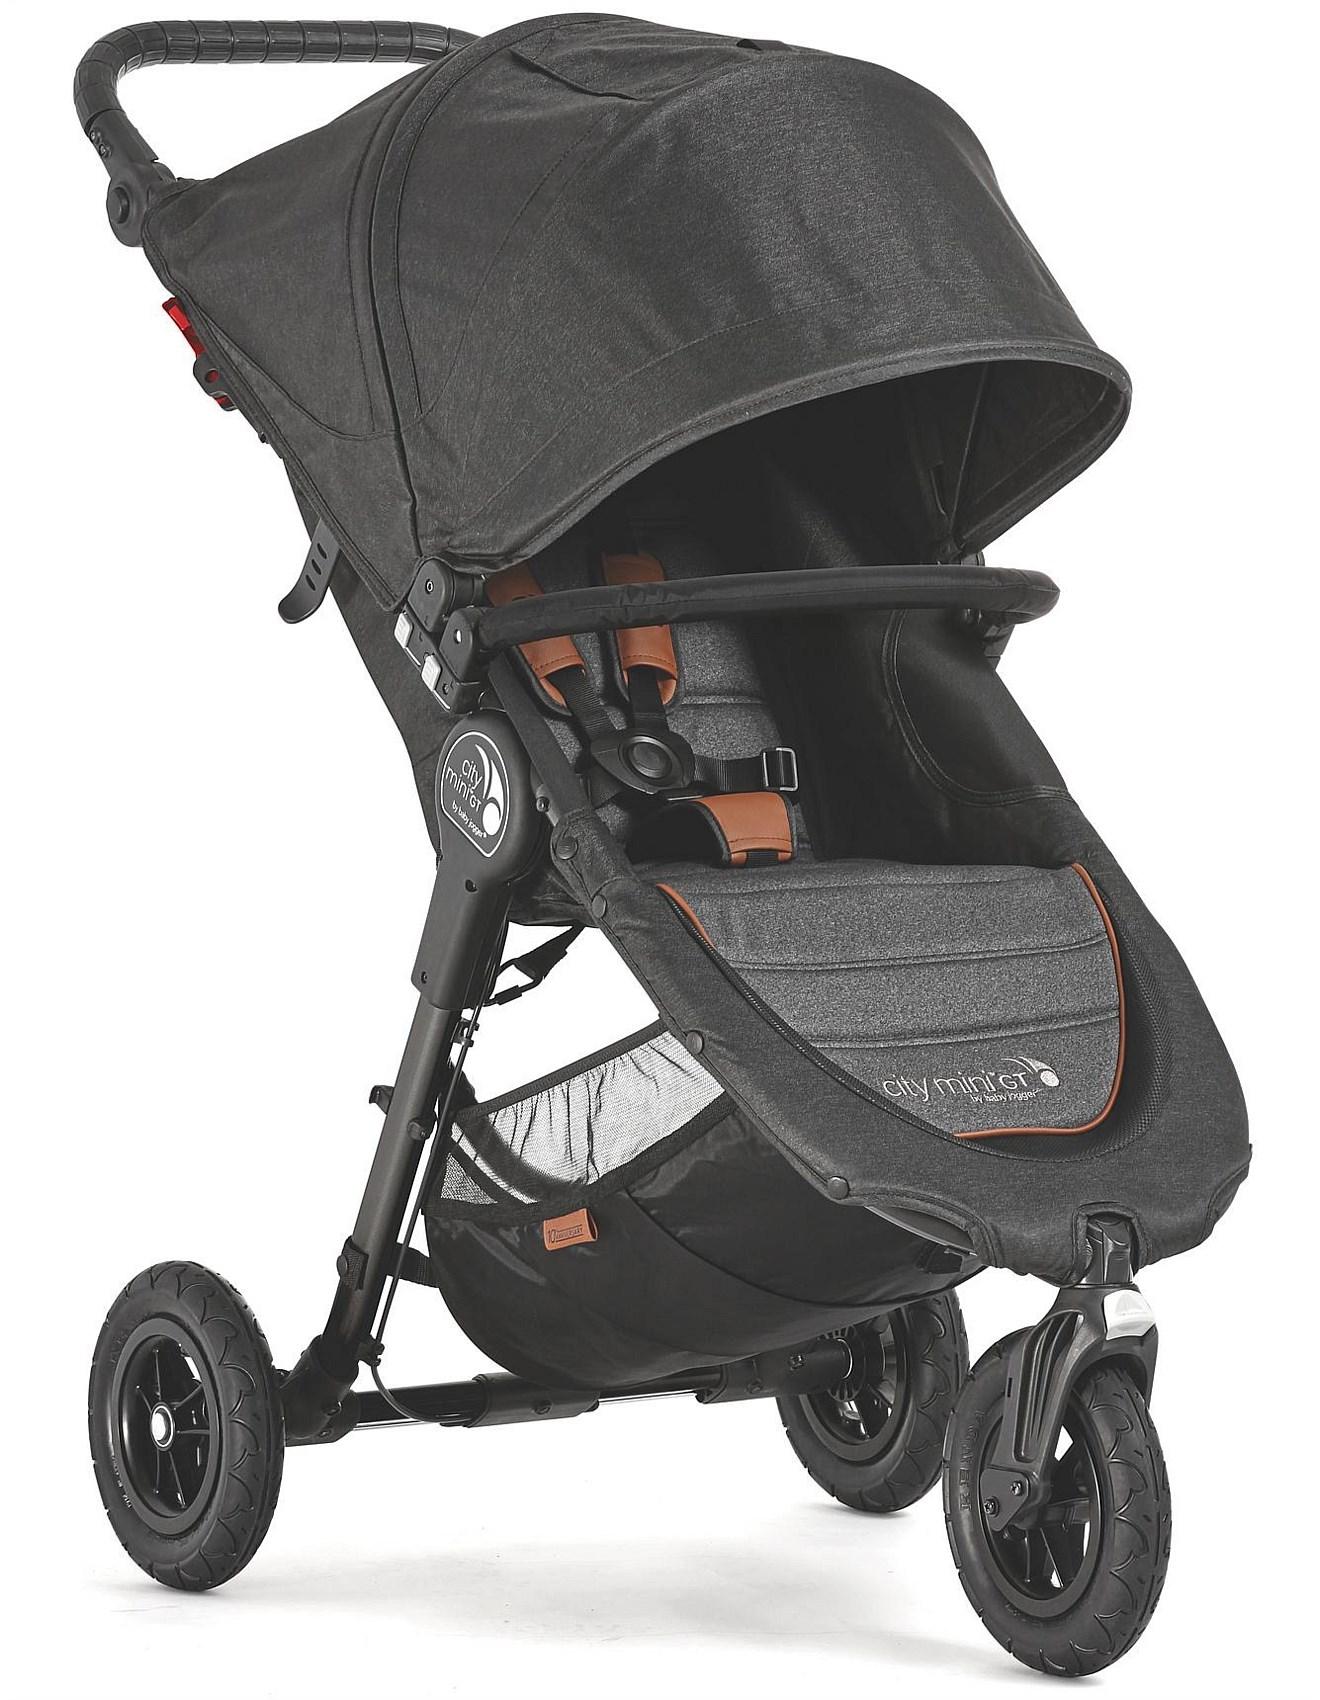 Baby Jogger Buy Baby Jogger City Select Amp More David